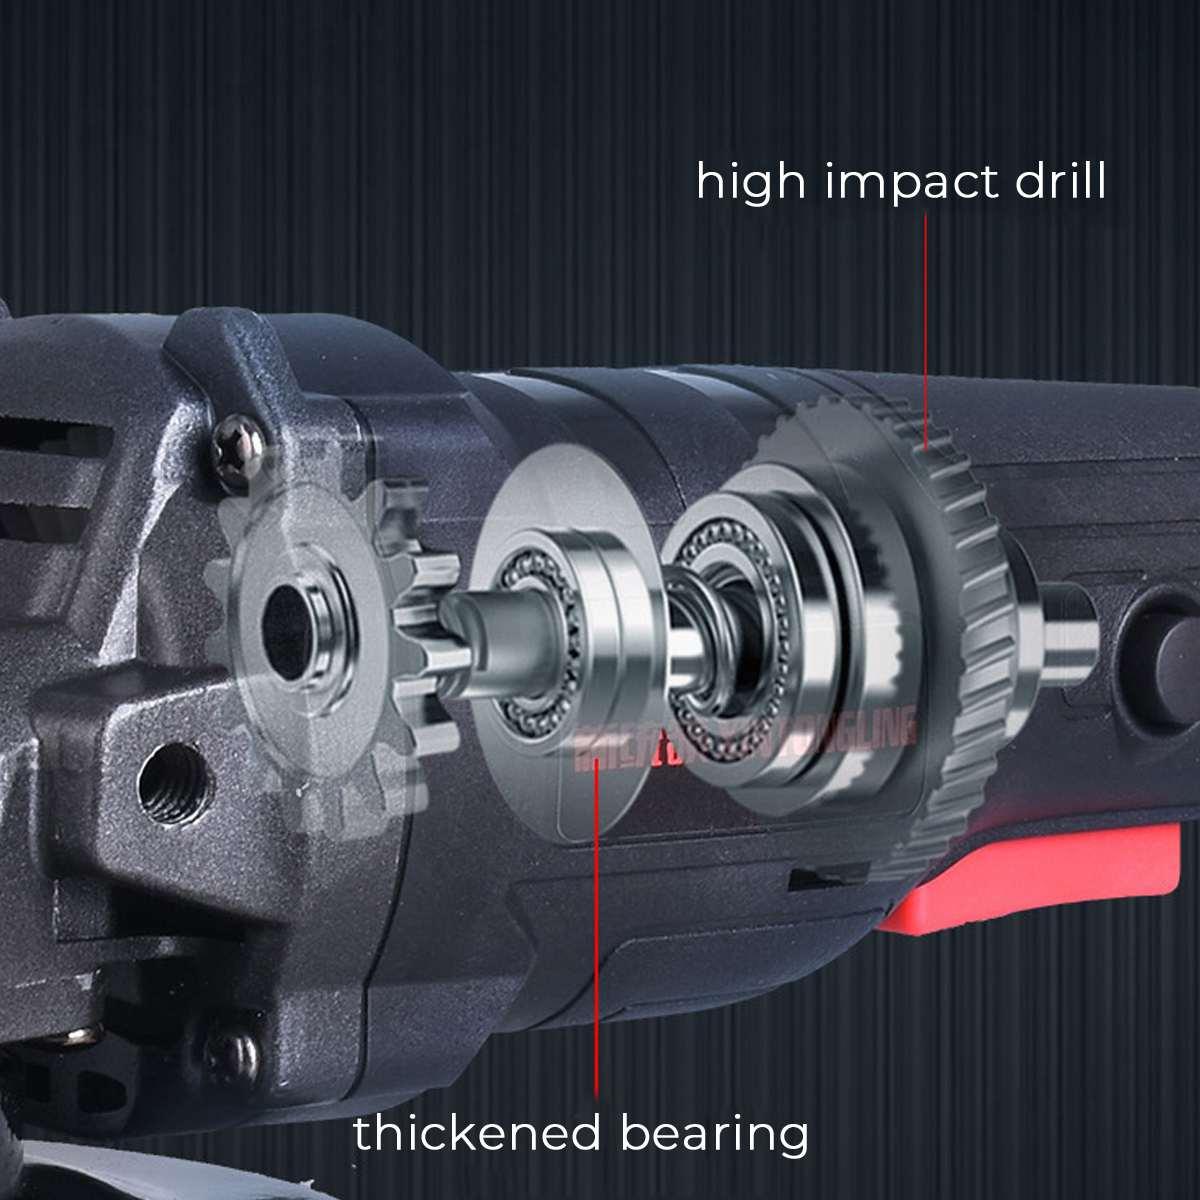 378TV 18000mAh 11000rpm Cordless Winkel Grinder Bürstenlosen Schleifen Maschine Schneiden Elektrische Winkel Grinder Wiederaufladbare Power Tool